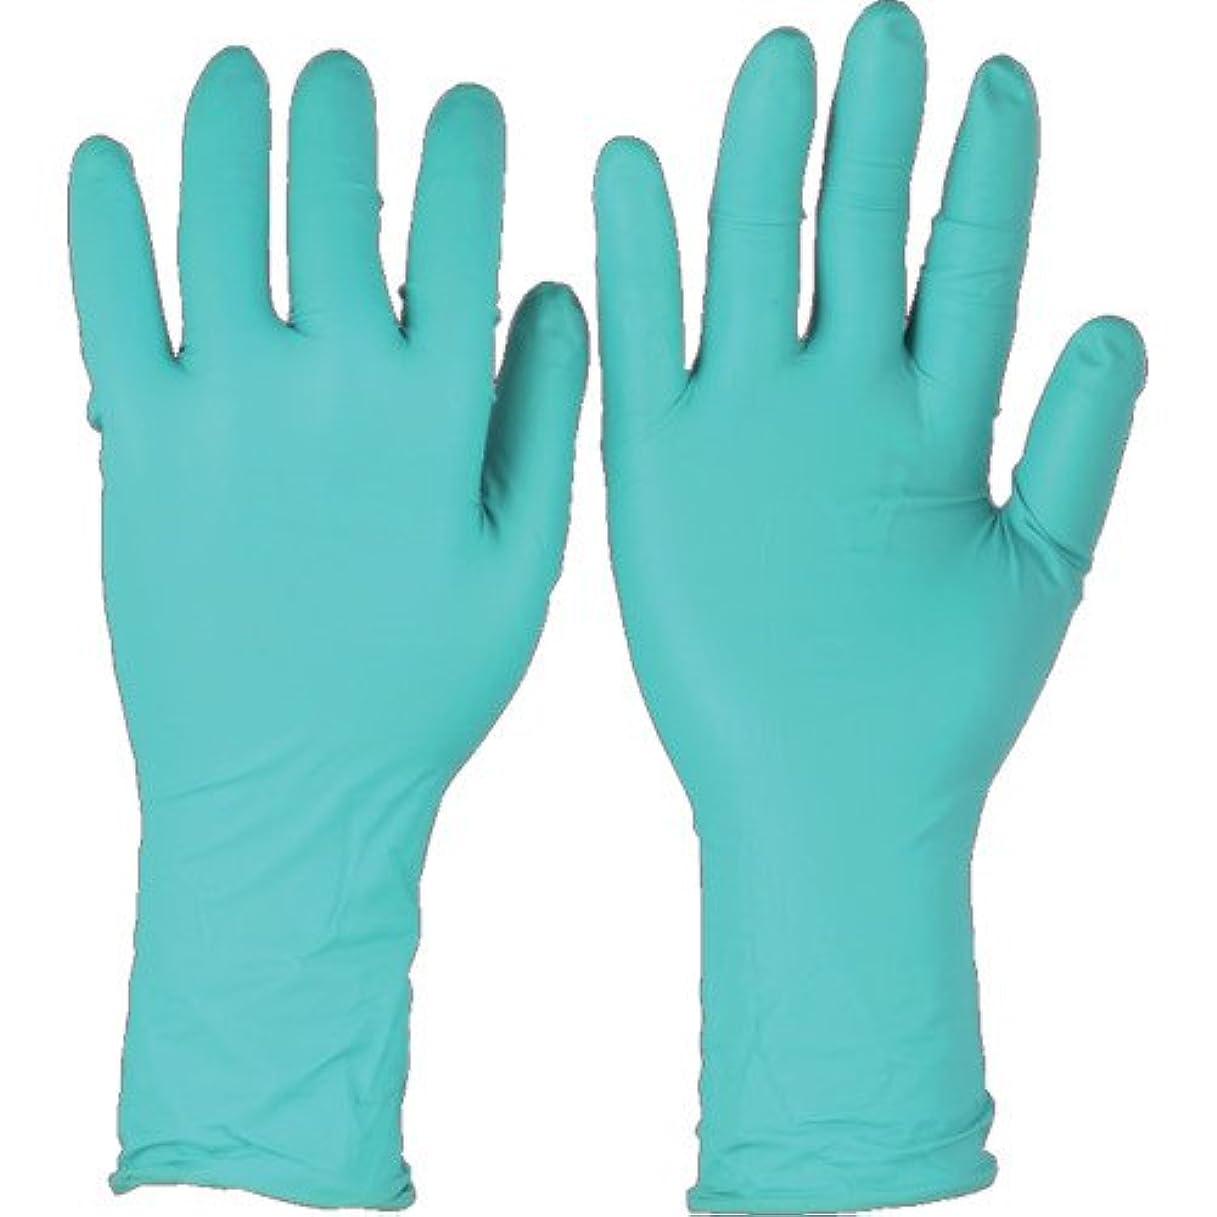 目的国勢調査億トラスコ中山 アンセル ネオプレンゴム使い捨て手袋 マイクロフレックス 93-260 XLサイズ (50枚入)  9326010